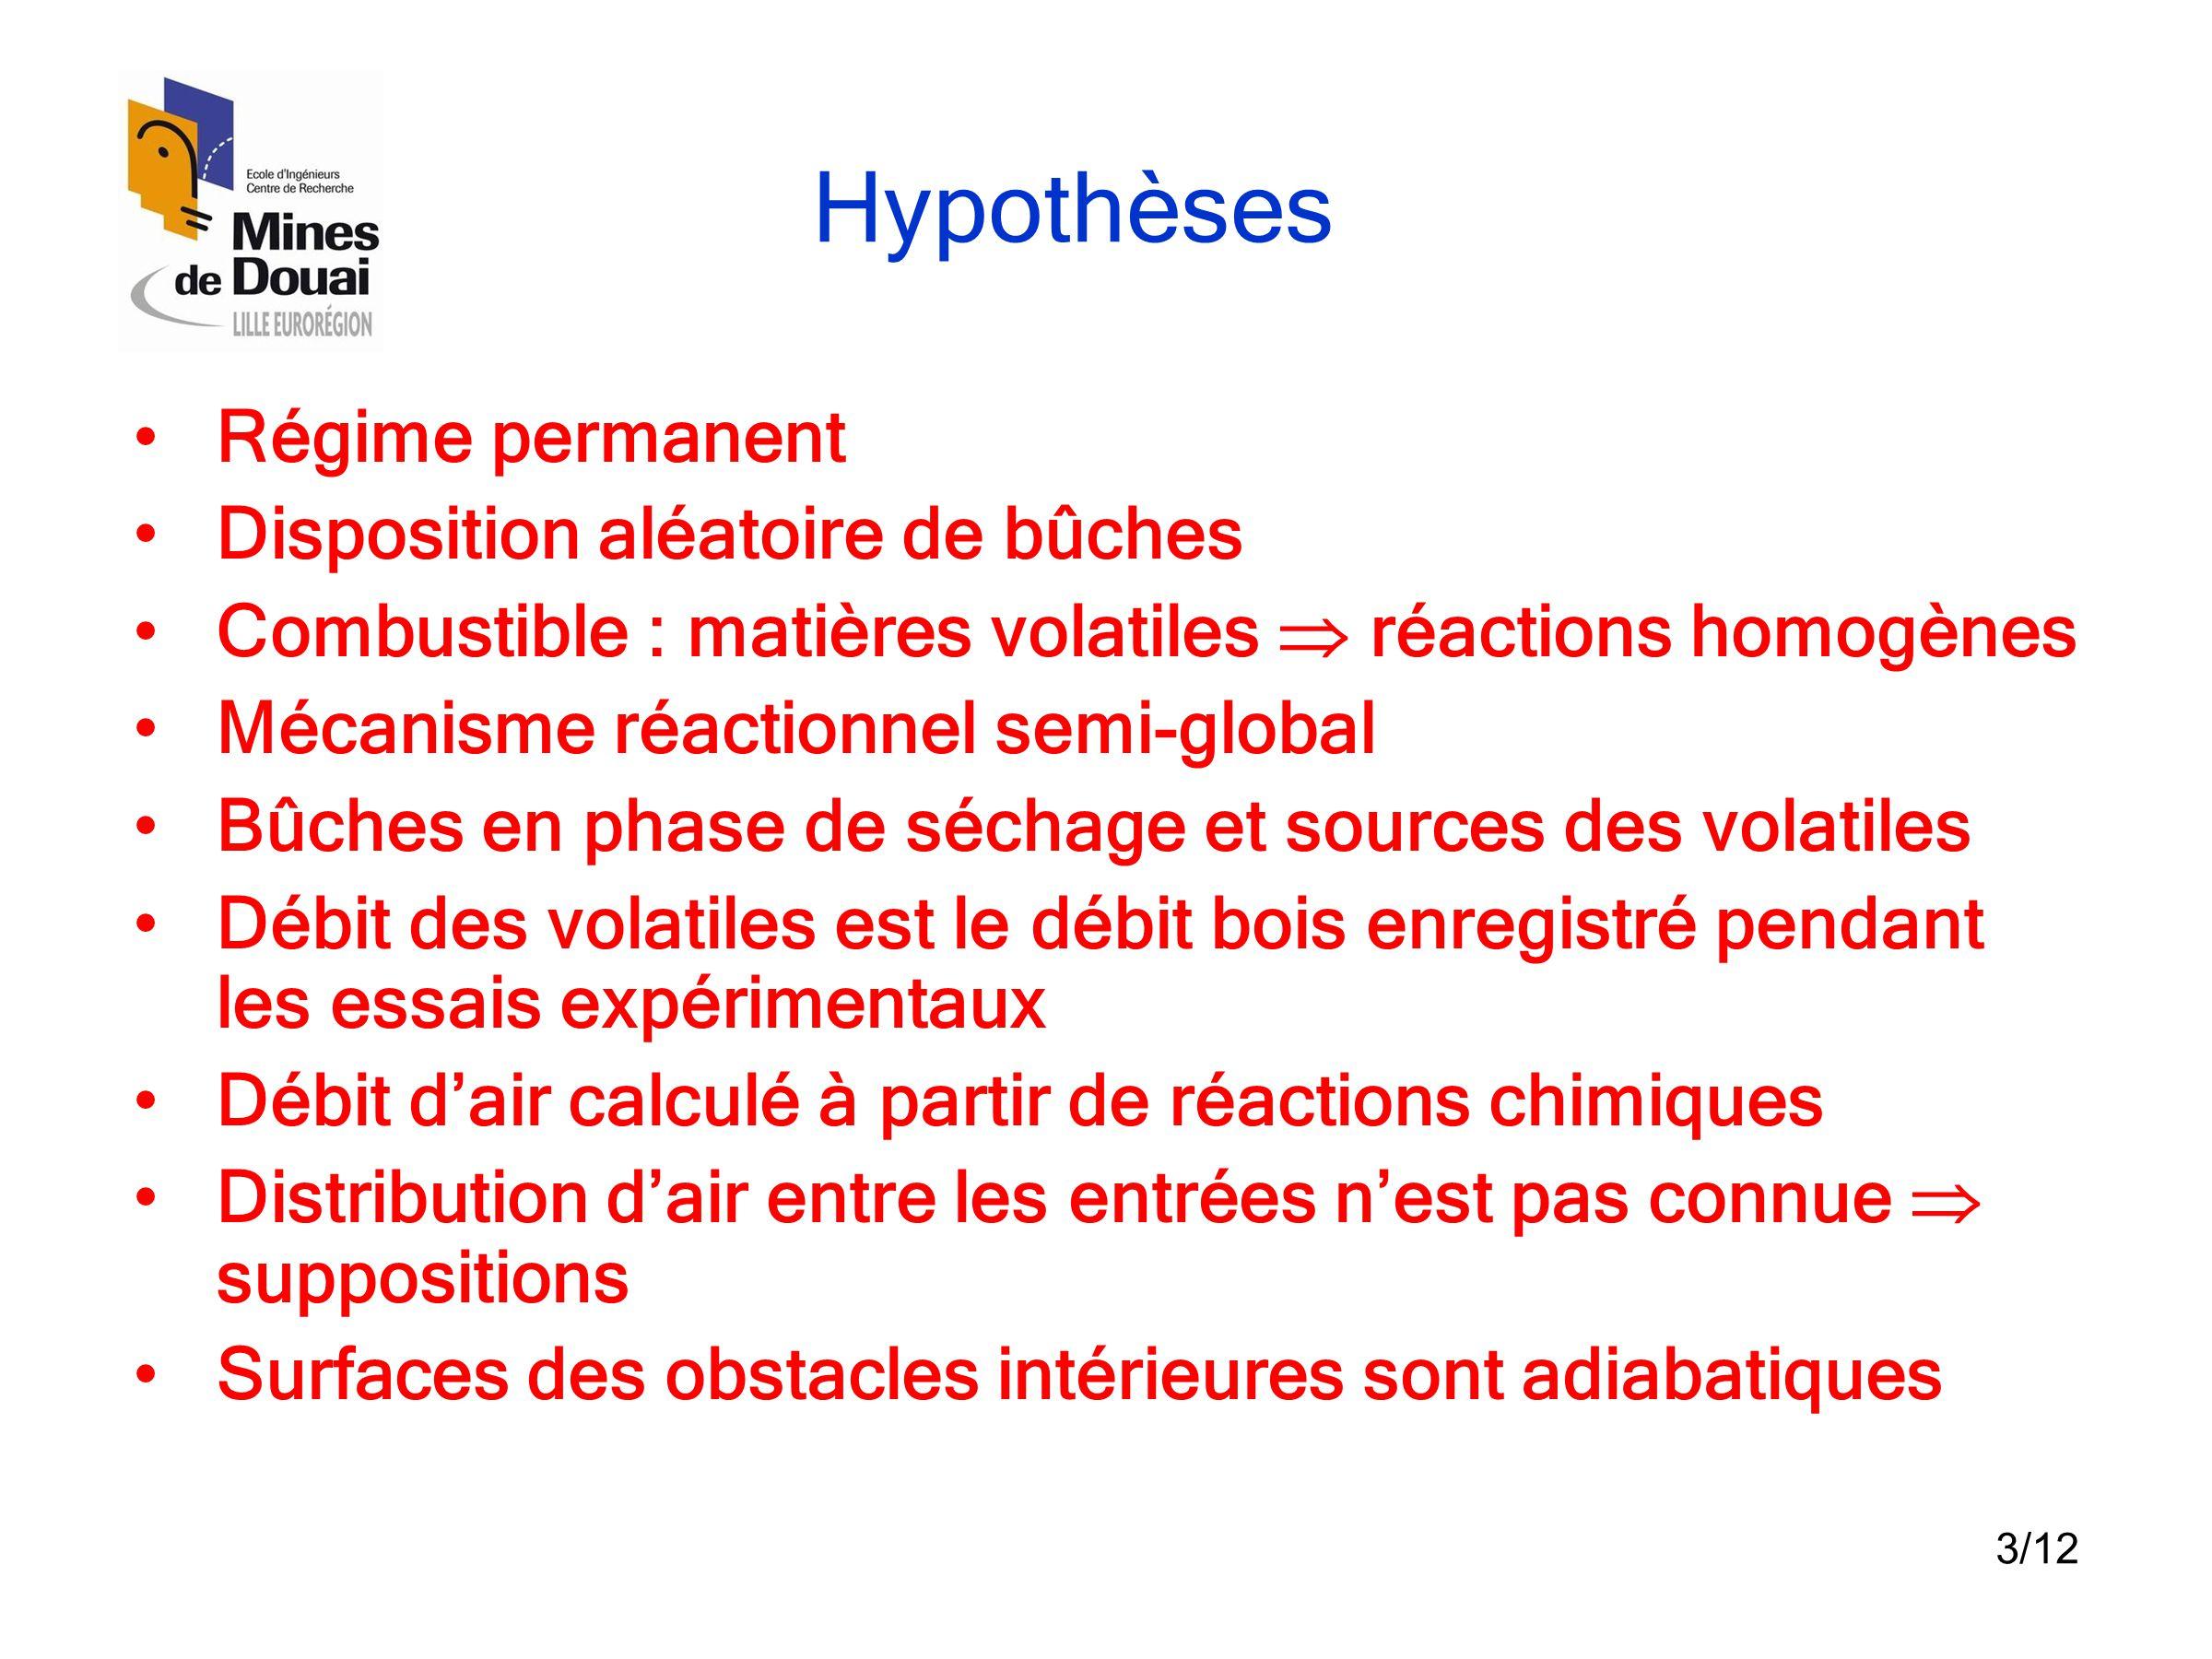 3/12 Hypothèses •Régime permanent •Disposition aléatoire de bûches •Combustible : matières volatiles  réactions homogènes •Mécanisme réactionnel semi